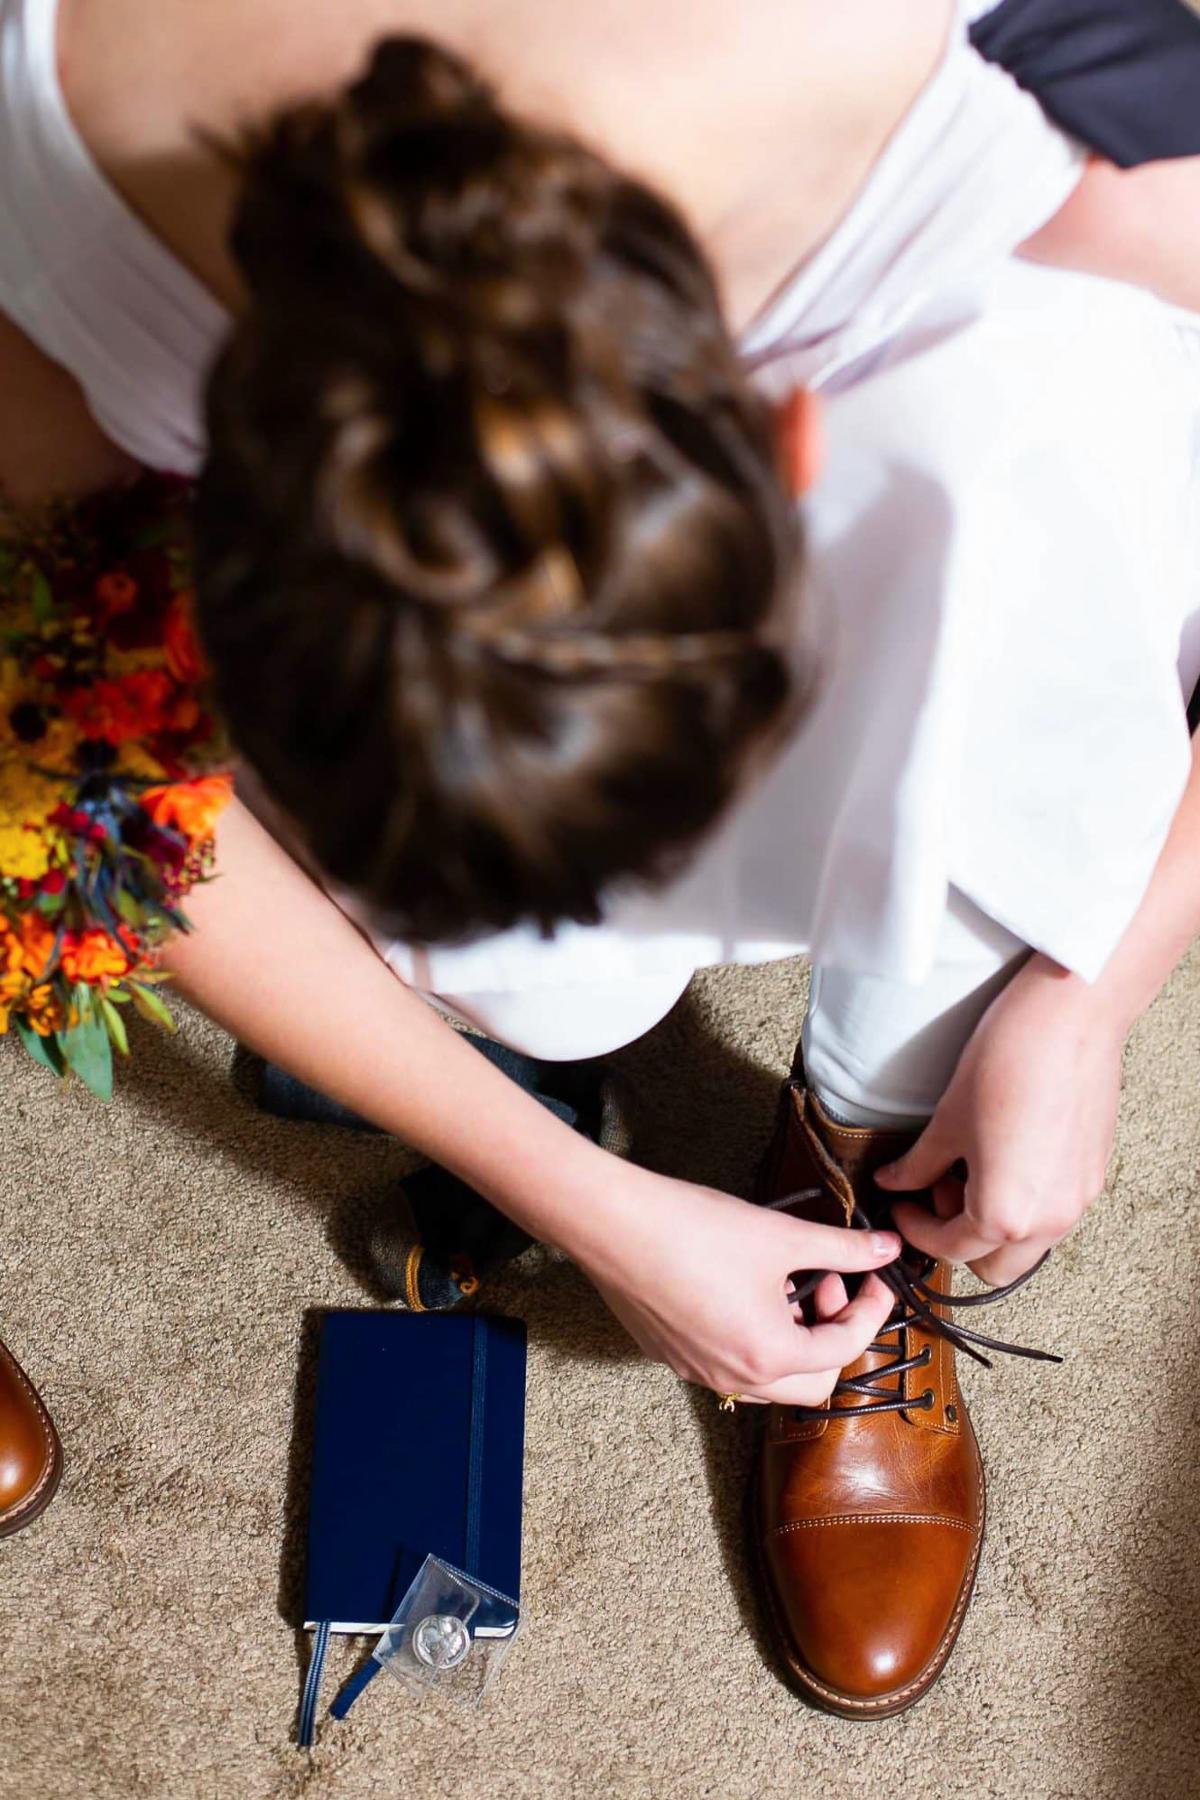 Top Boulder, CO Hochzeitsfotograf | Die Lederkampfstiefel der Braut